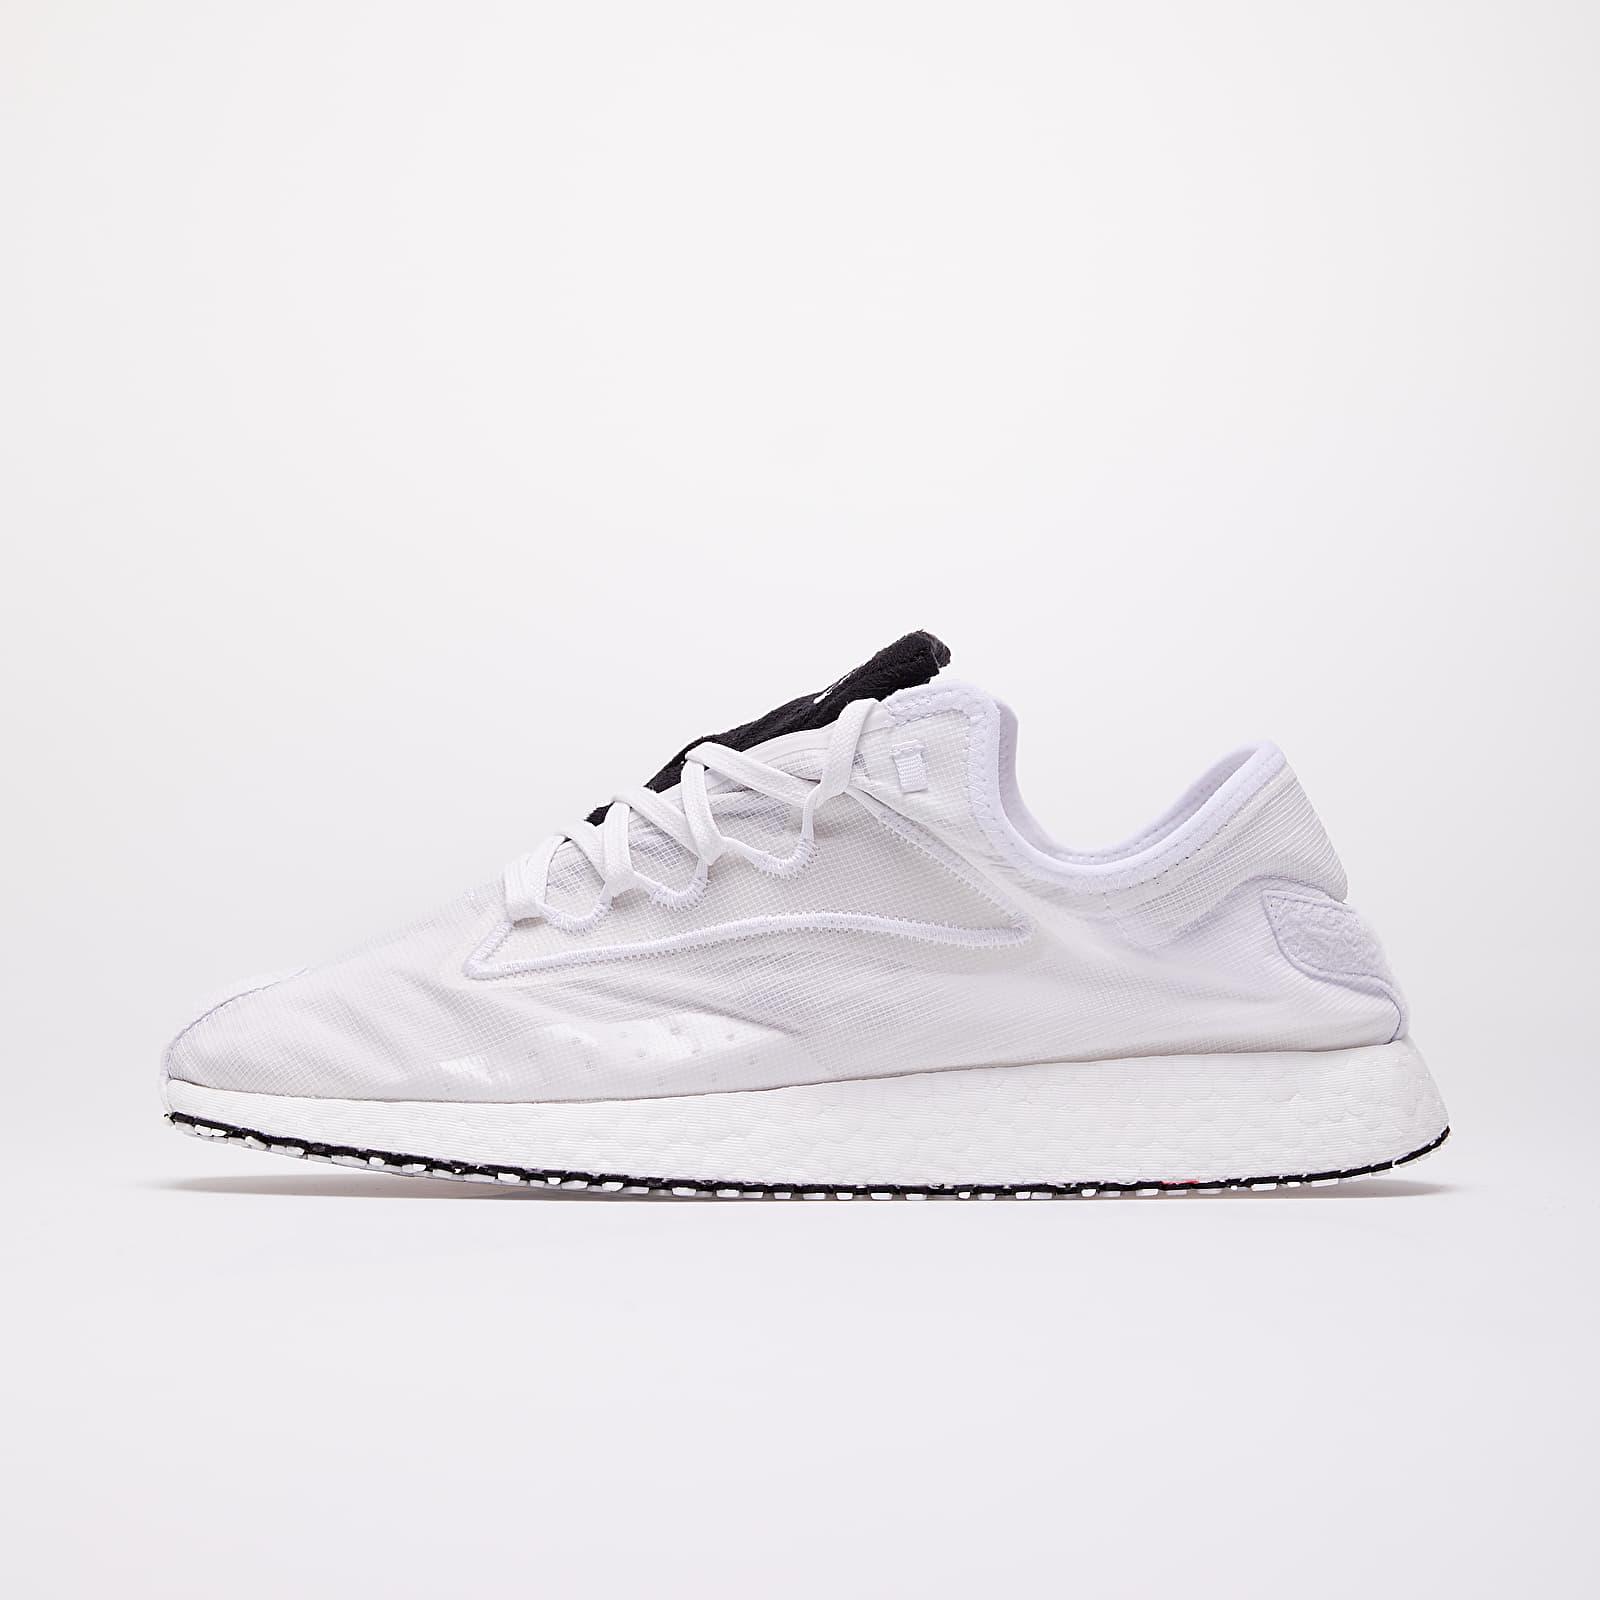 Pánské tenisky a boty Y-3 Raito Racer Ftwr White/ Black/ Ftwr White